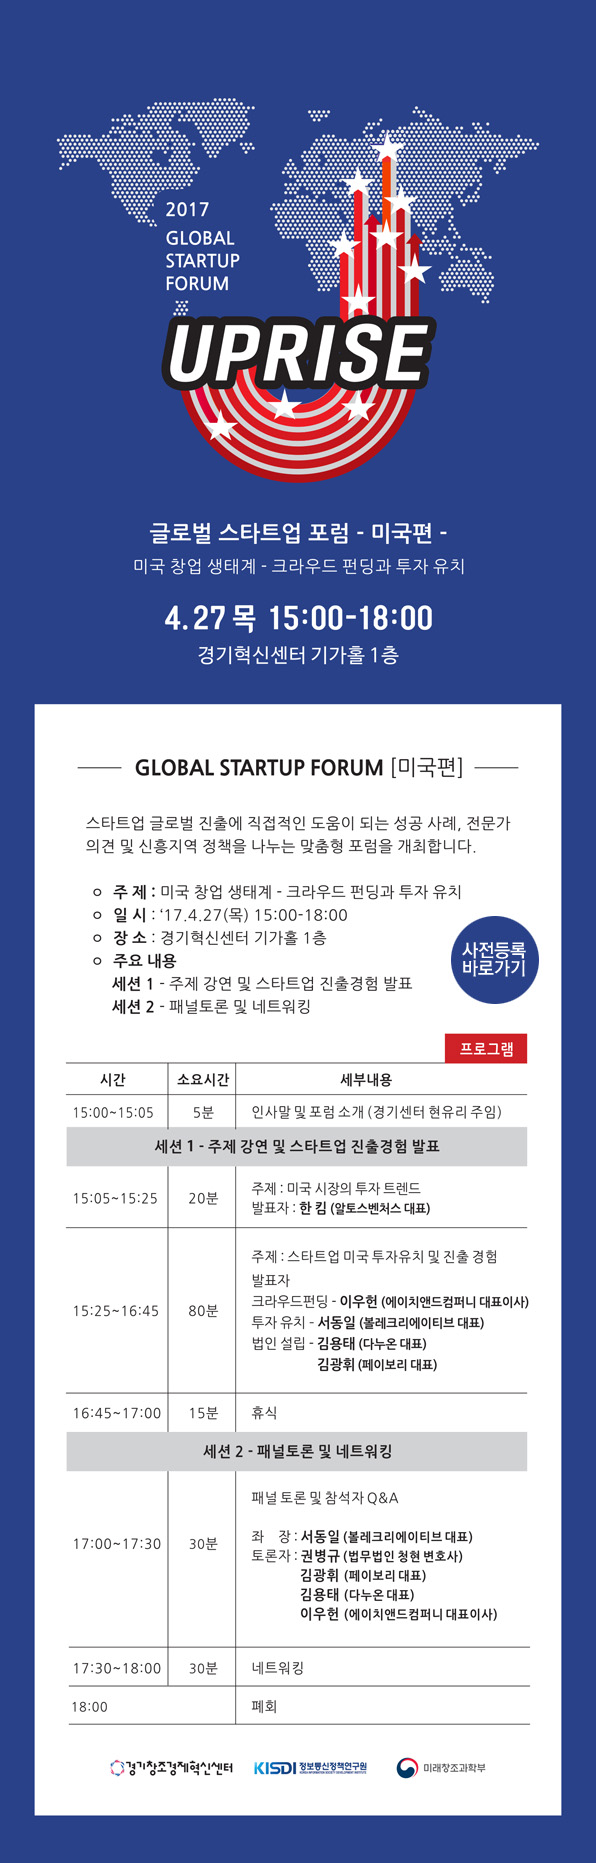 '제2회 업라이즈 글로벌 스타트업 포럼-일본편' 개최 안내